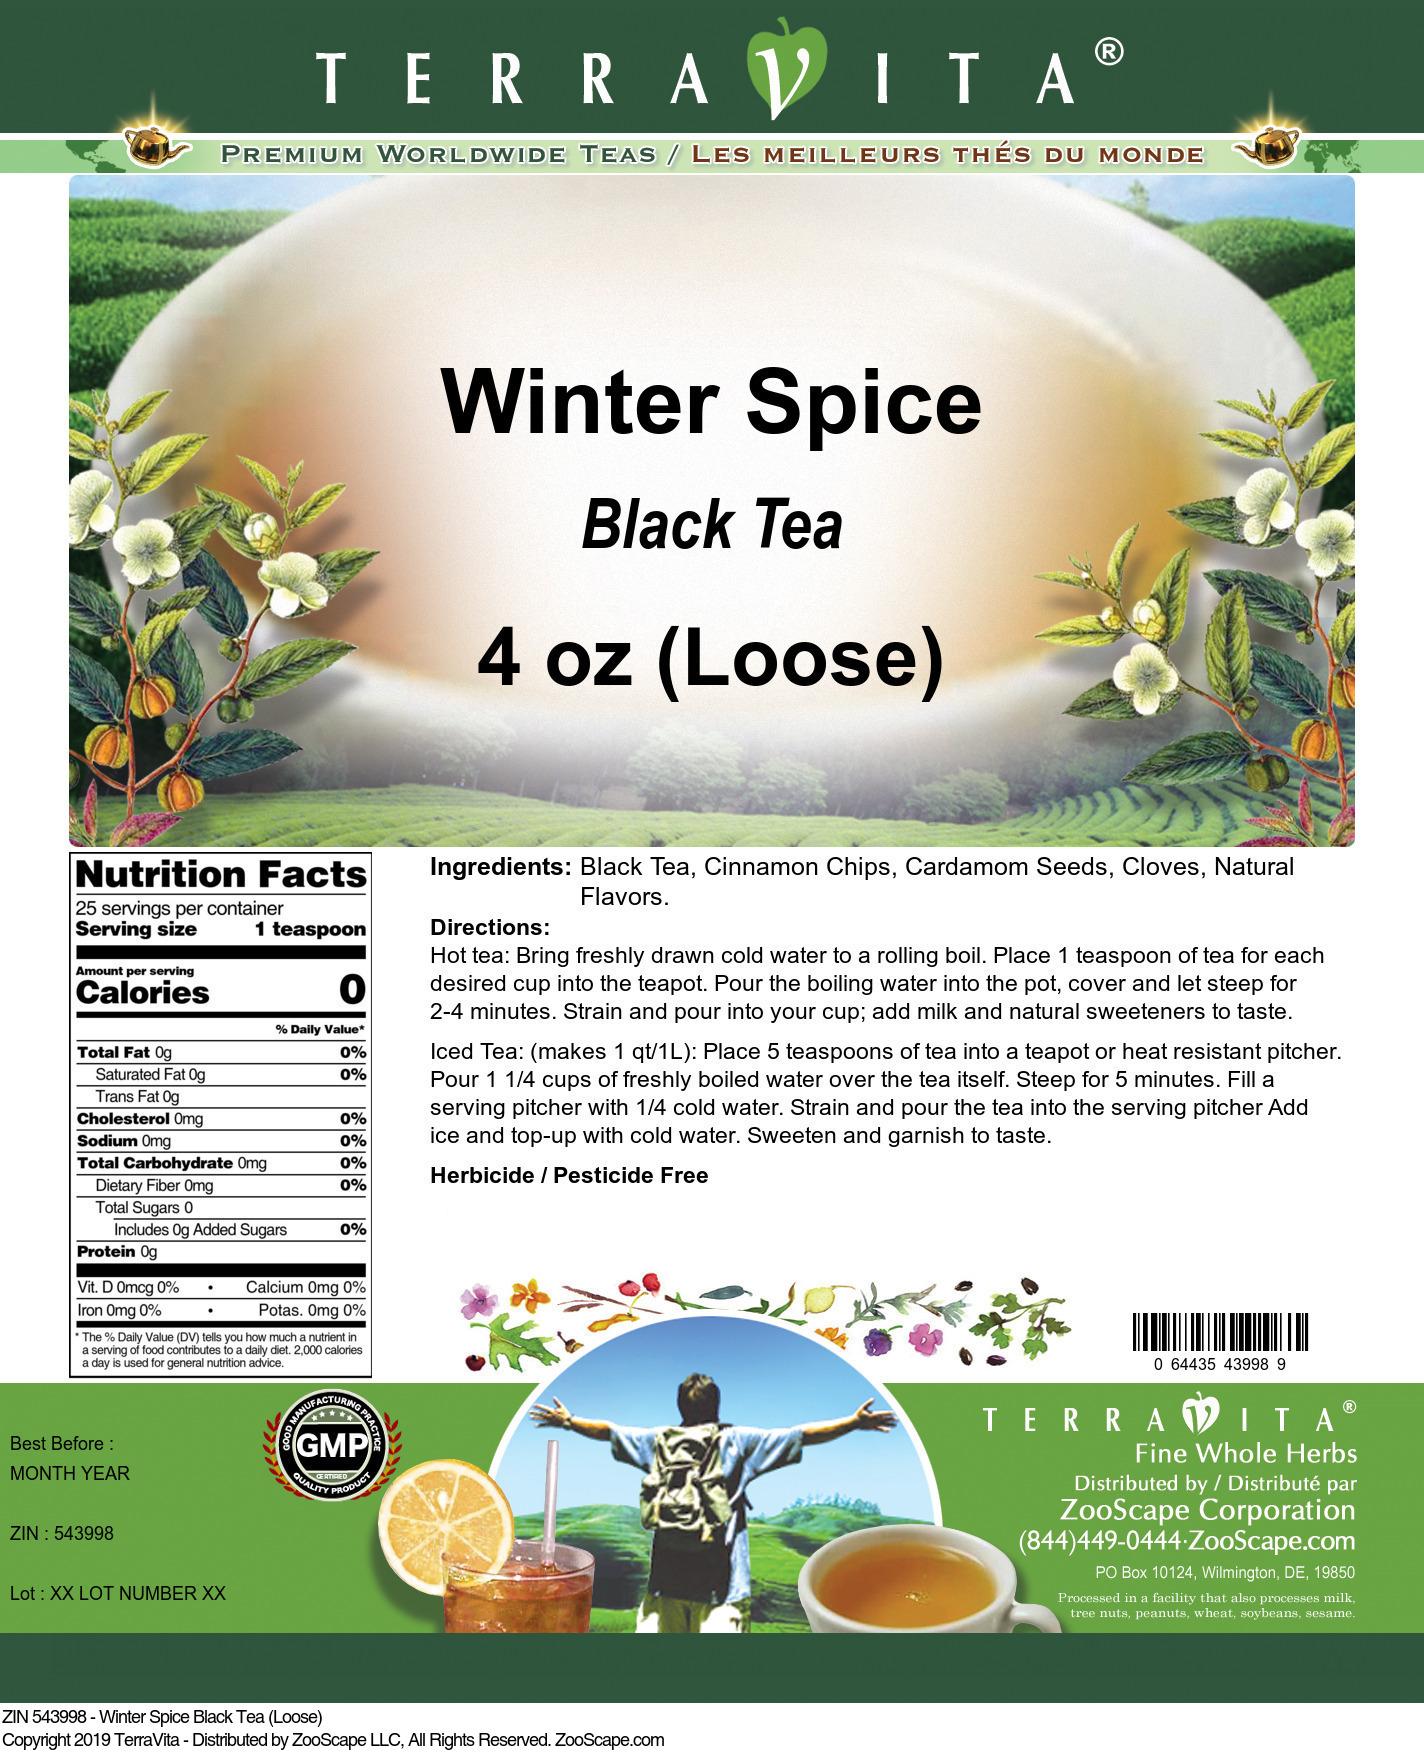 Winter Spice Black Tea